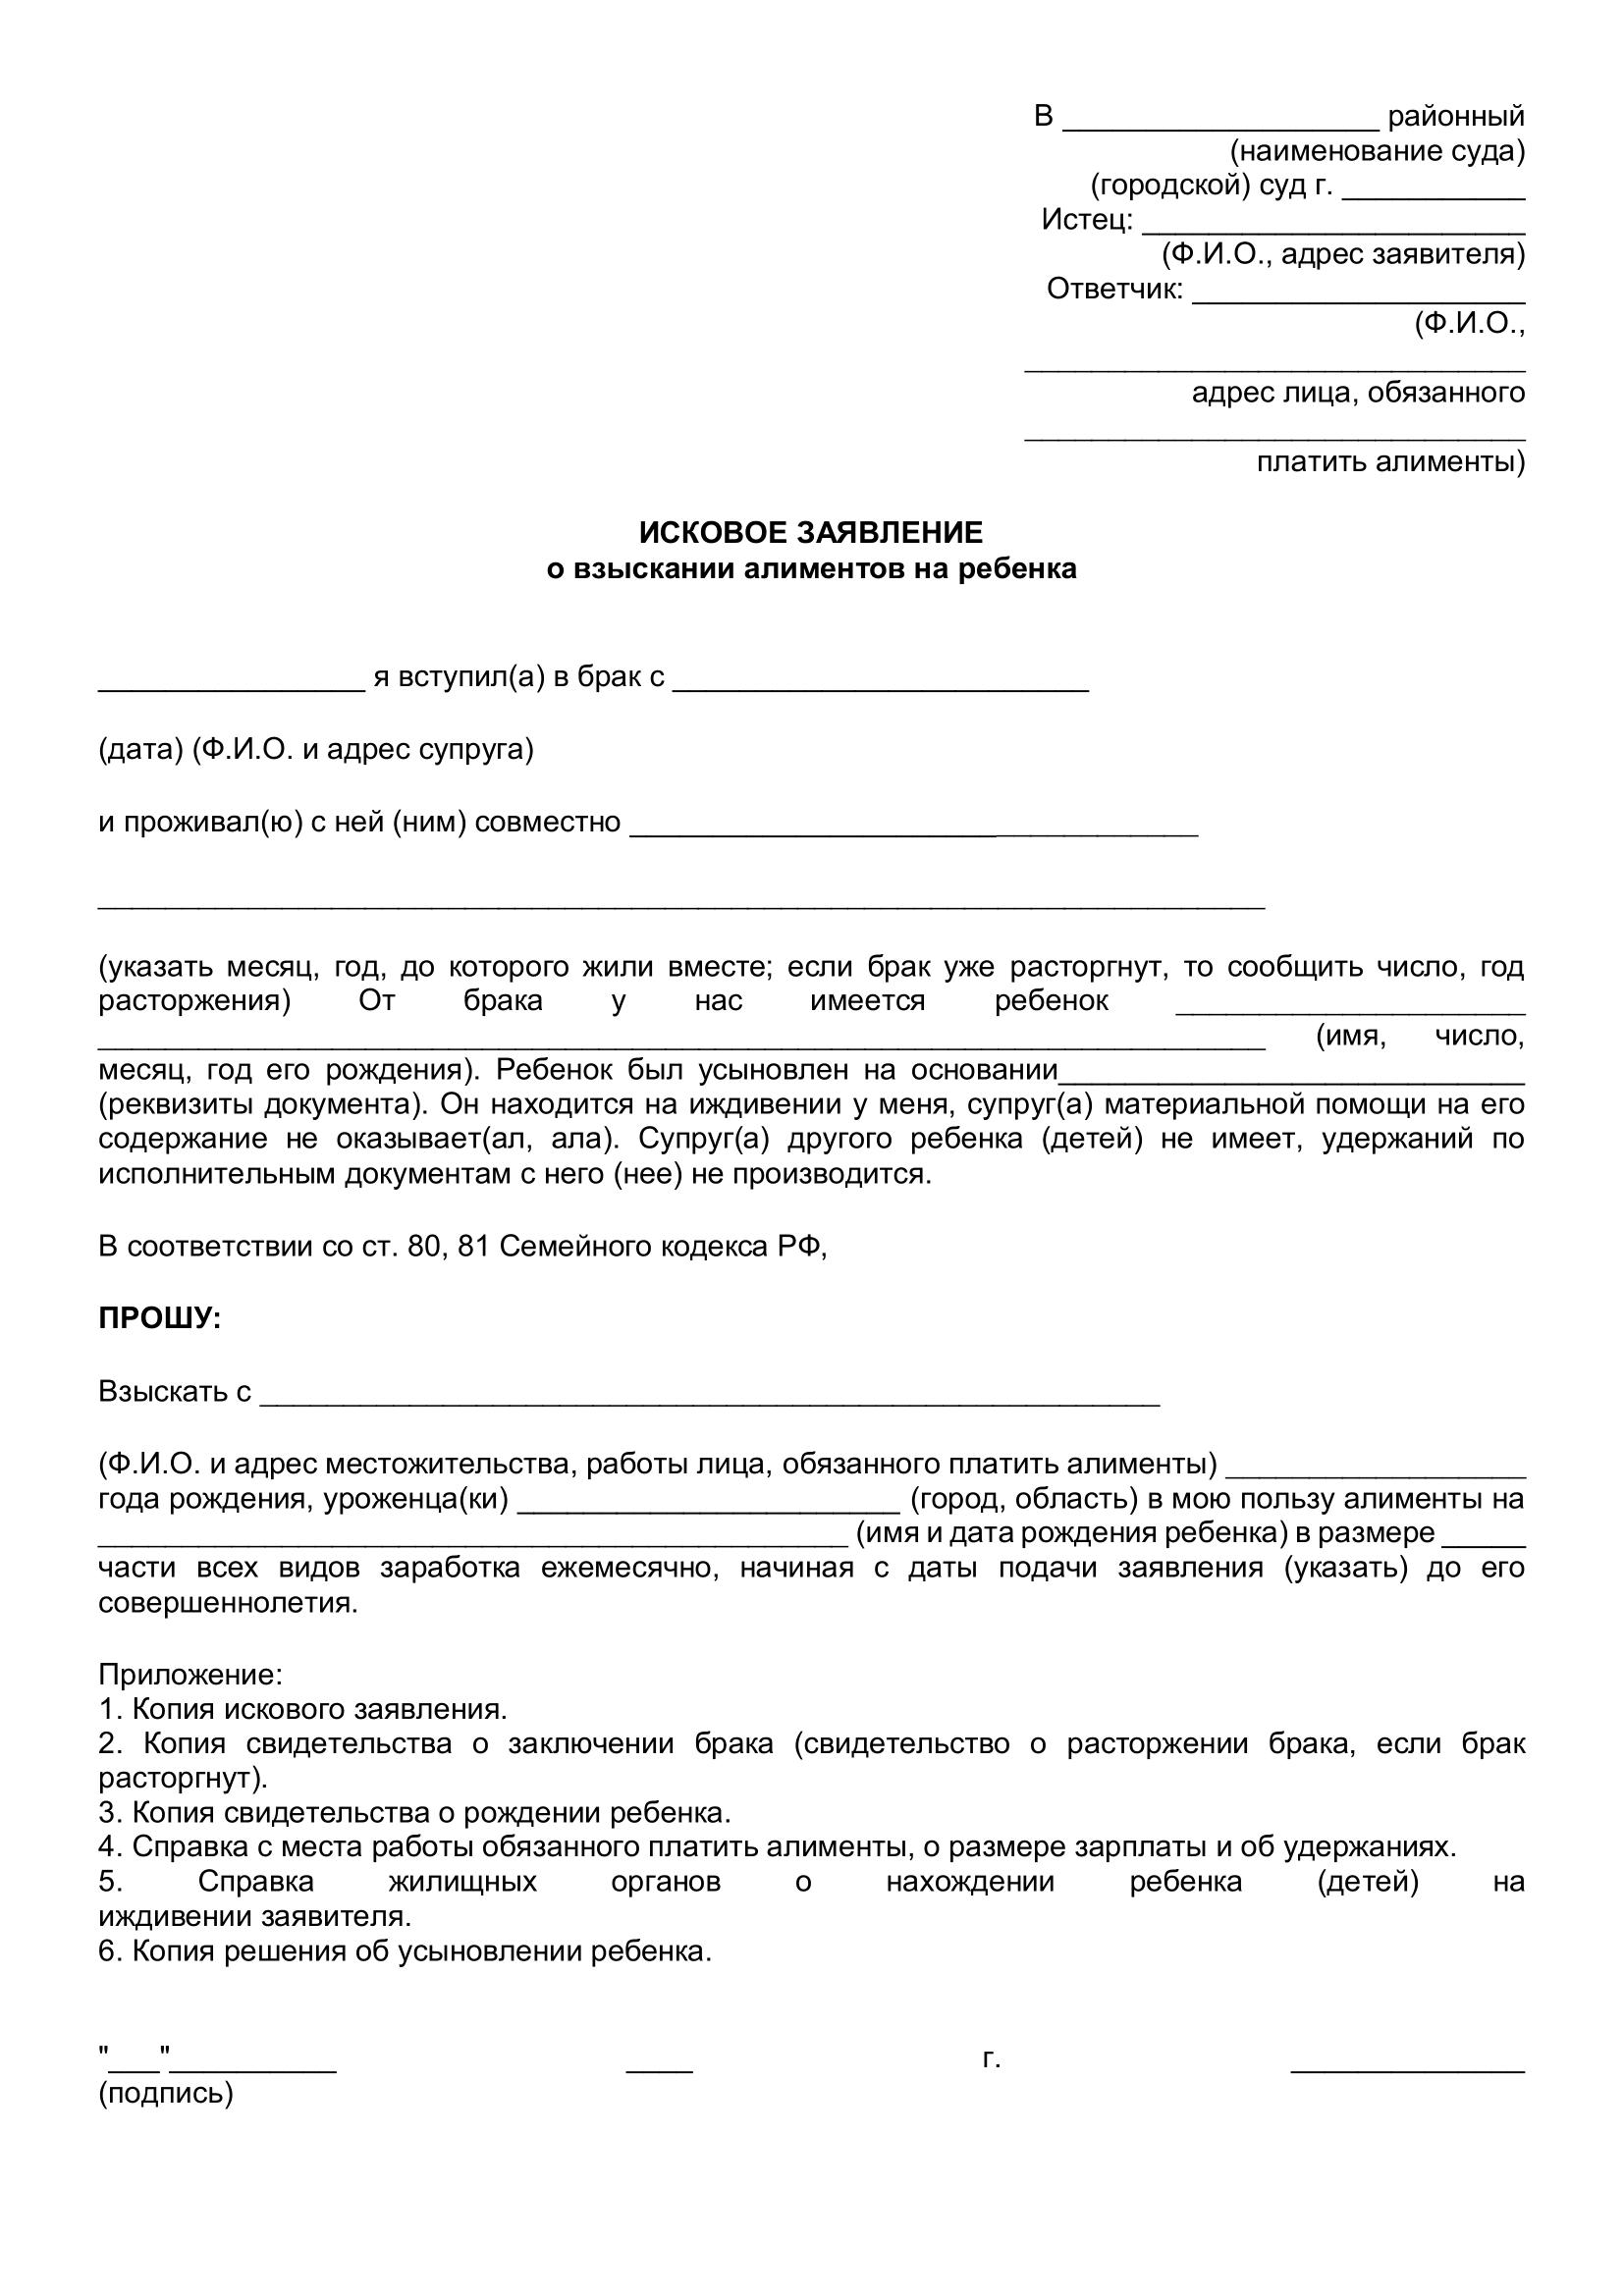 Исковое заявление о взыскании алиментов на усыновленного ребенка